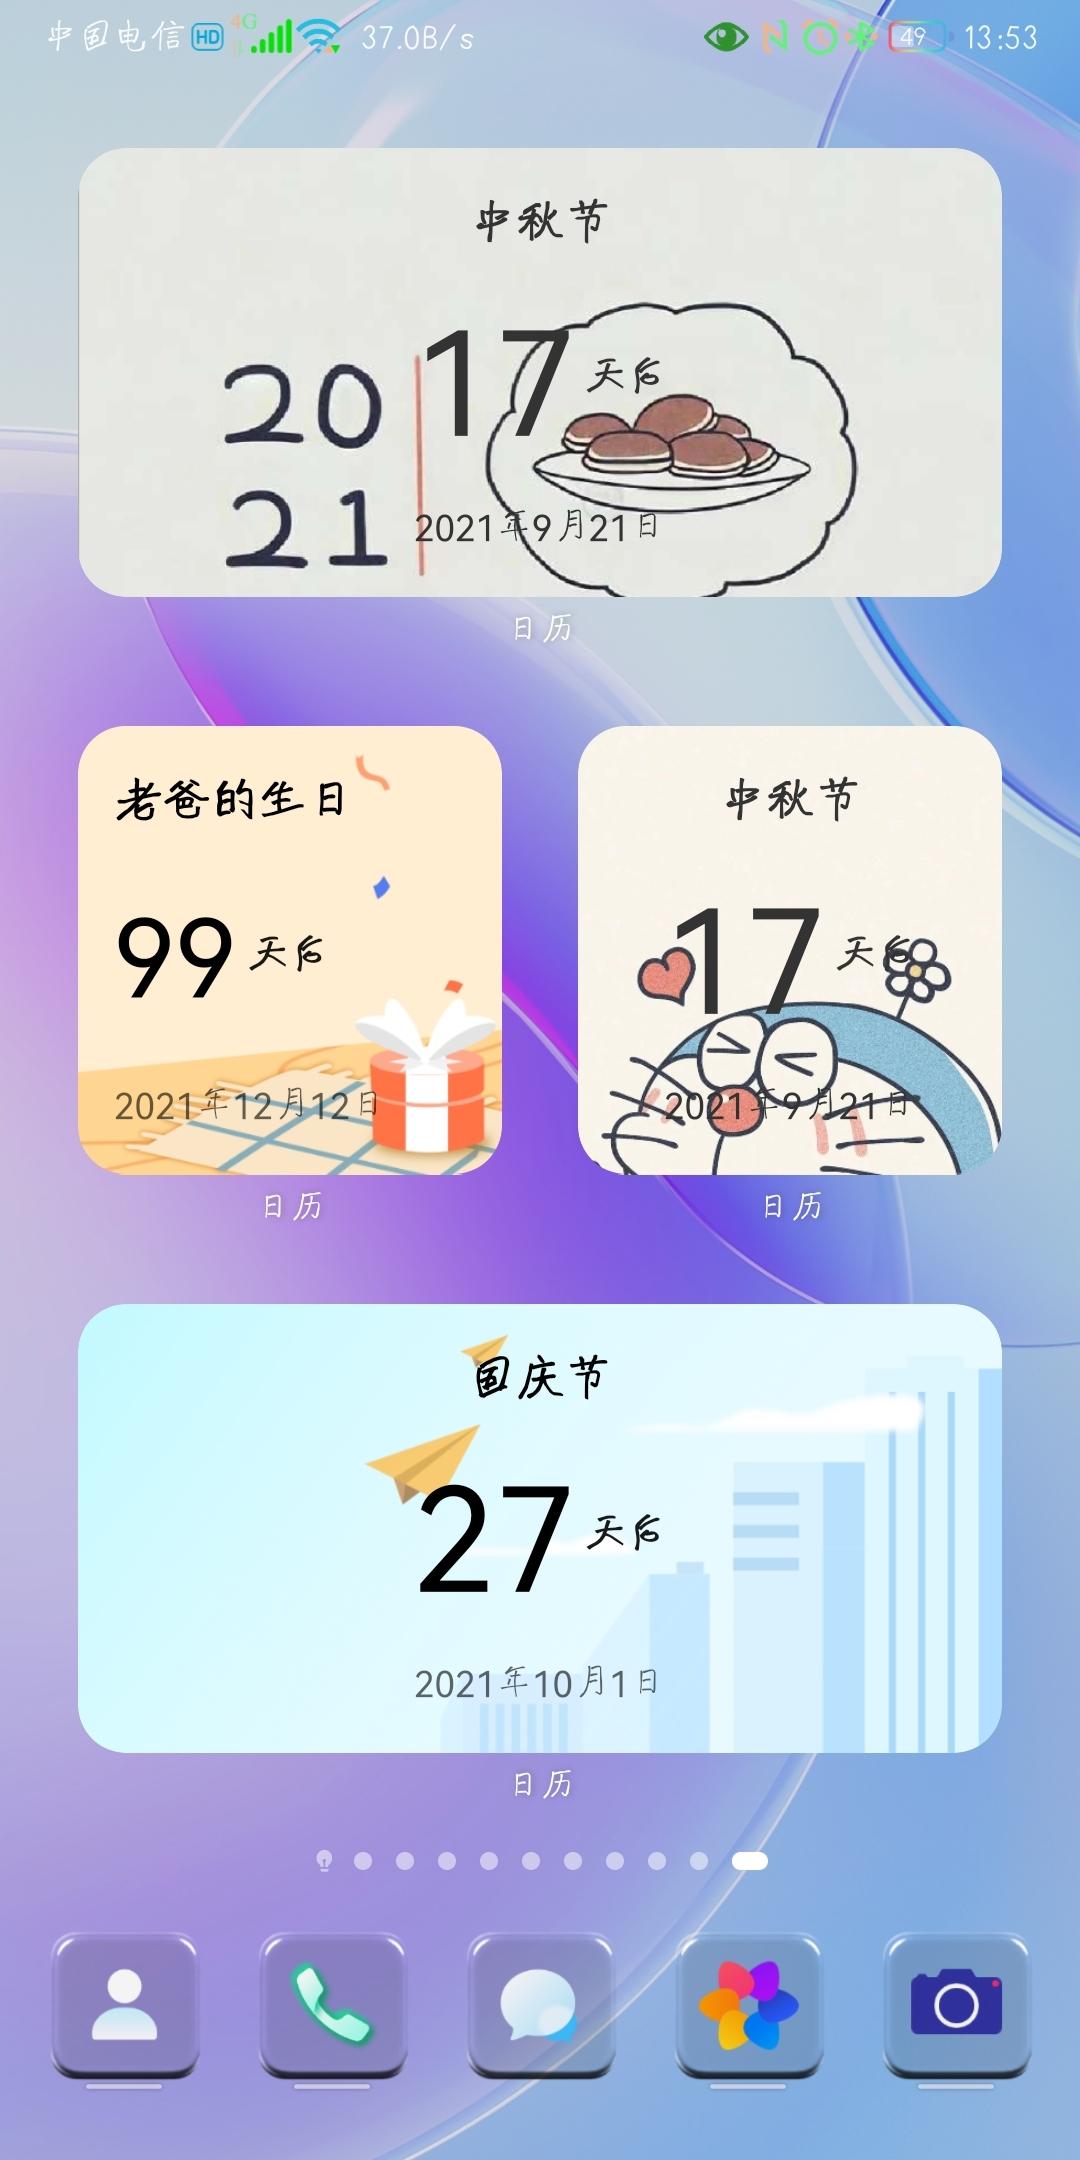 Screenshot_20210904_135328_com.huawei.android.launcher.jpg